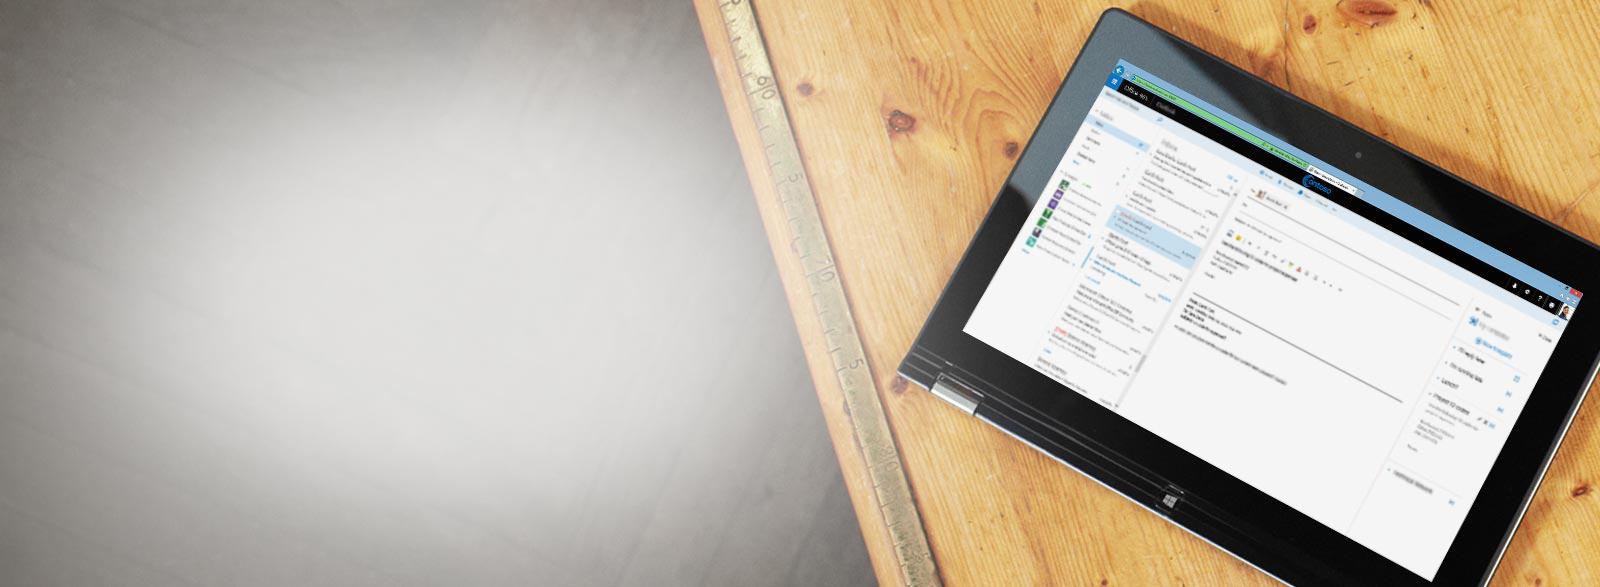 แท็บเล็ตบนโต๊ะแสดงภาพระยะใกล้ของกล่องจดหมายเข้าของอีเมลธุรกิจ ที่ทำงานโดย Exchange